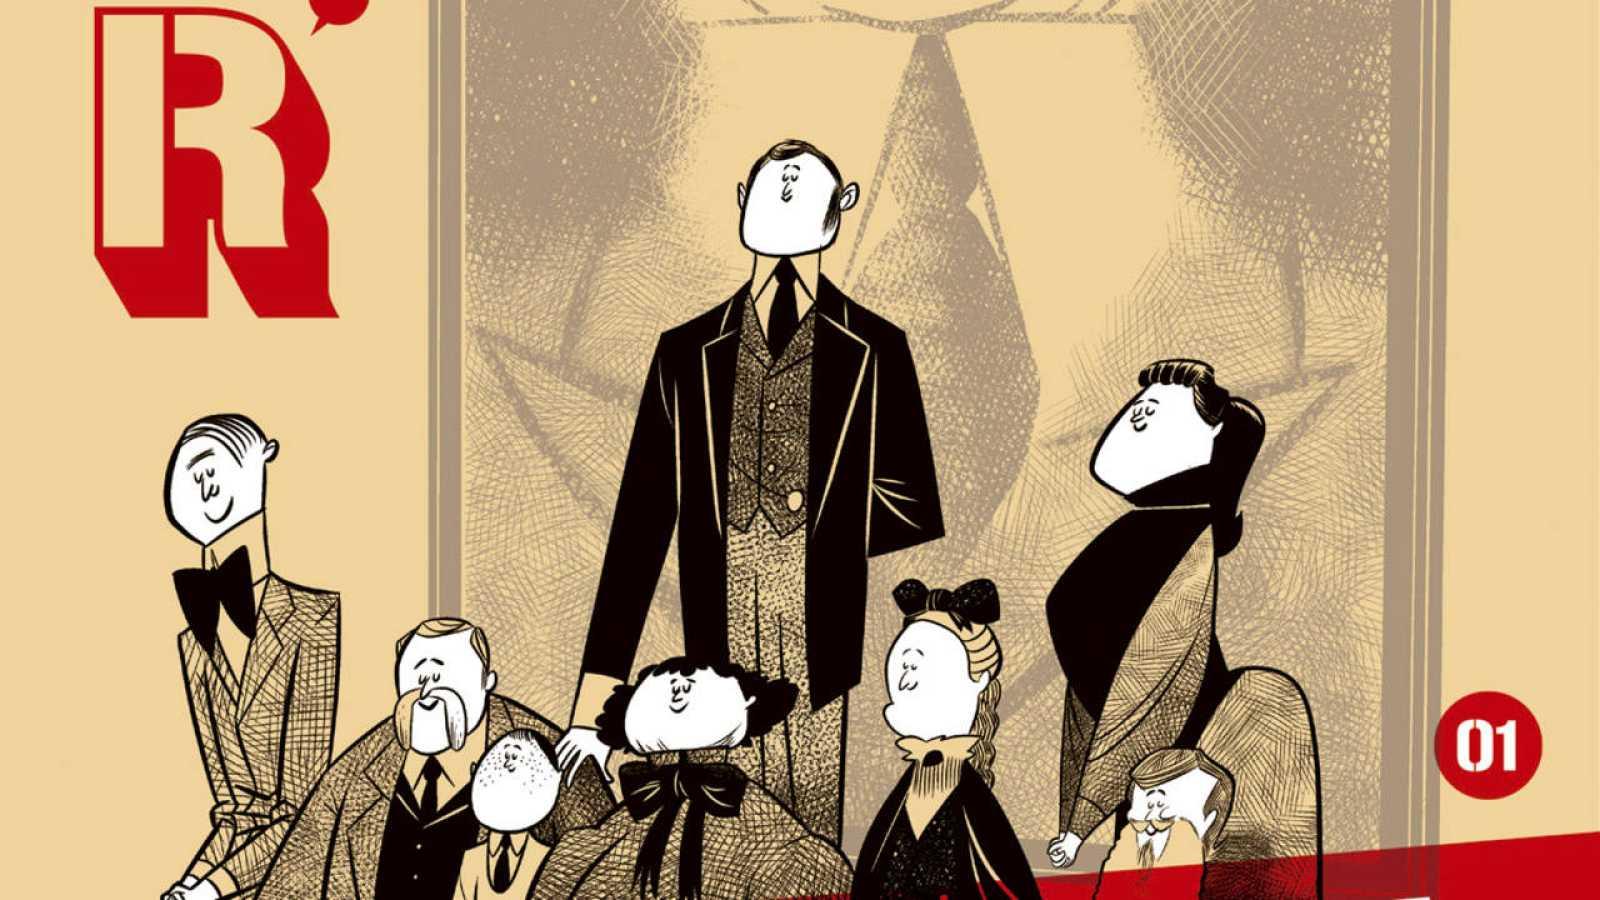 Fragmento de la portada de 'La Resistencia', de José Luis Ágreda